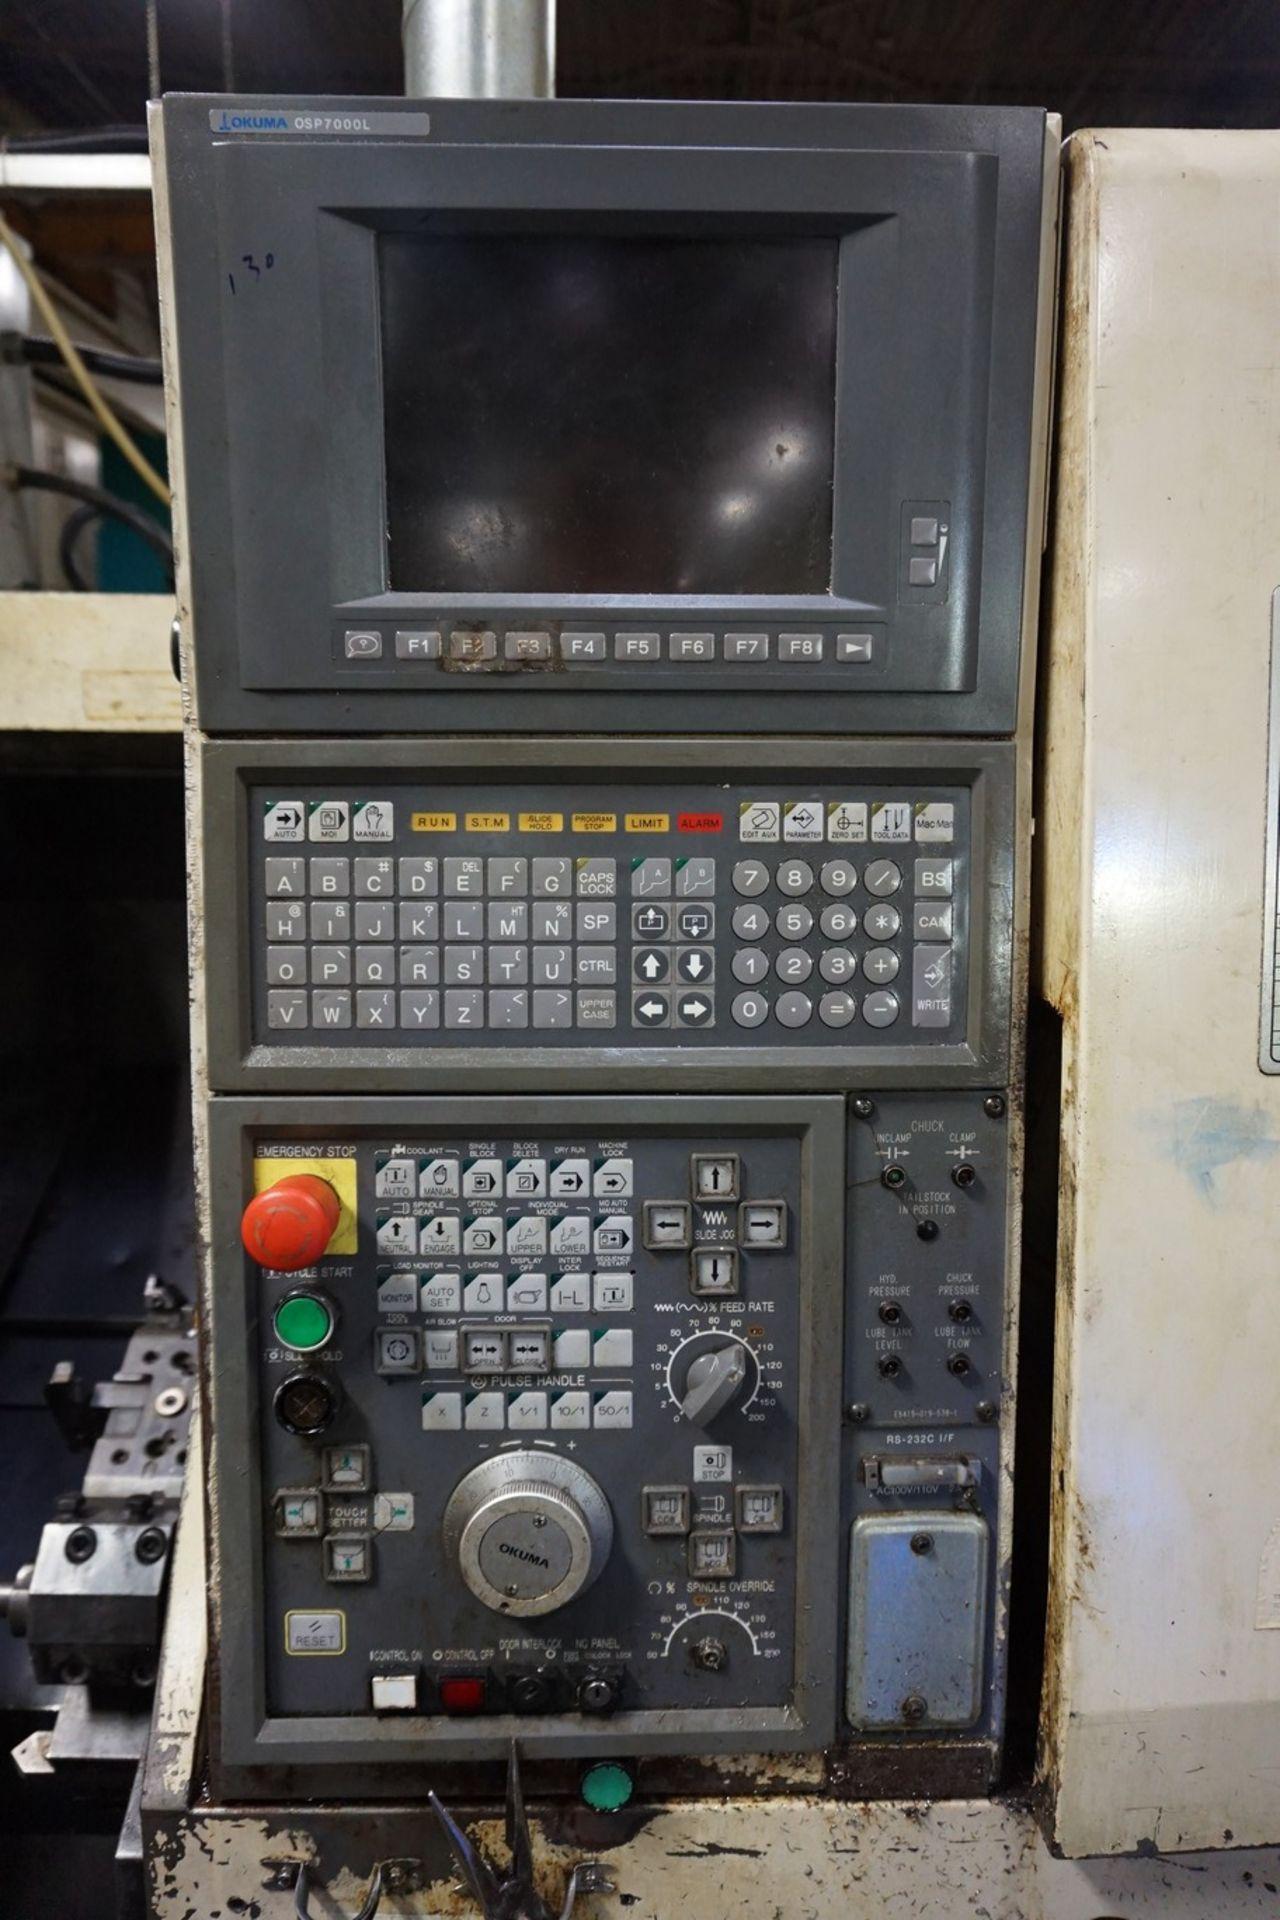 Okuma Model LCC15-2S CNC Lathe 220/240V c/w Chip Conveyor, Transformer - Image 3 of 11